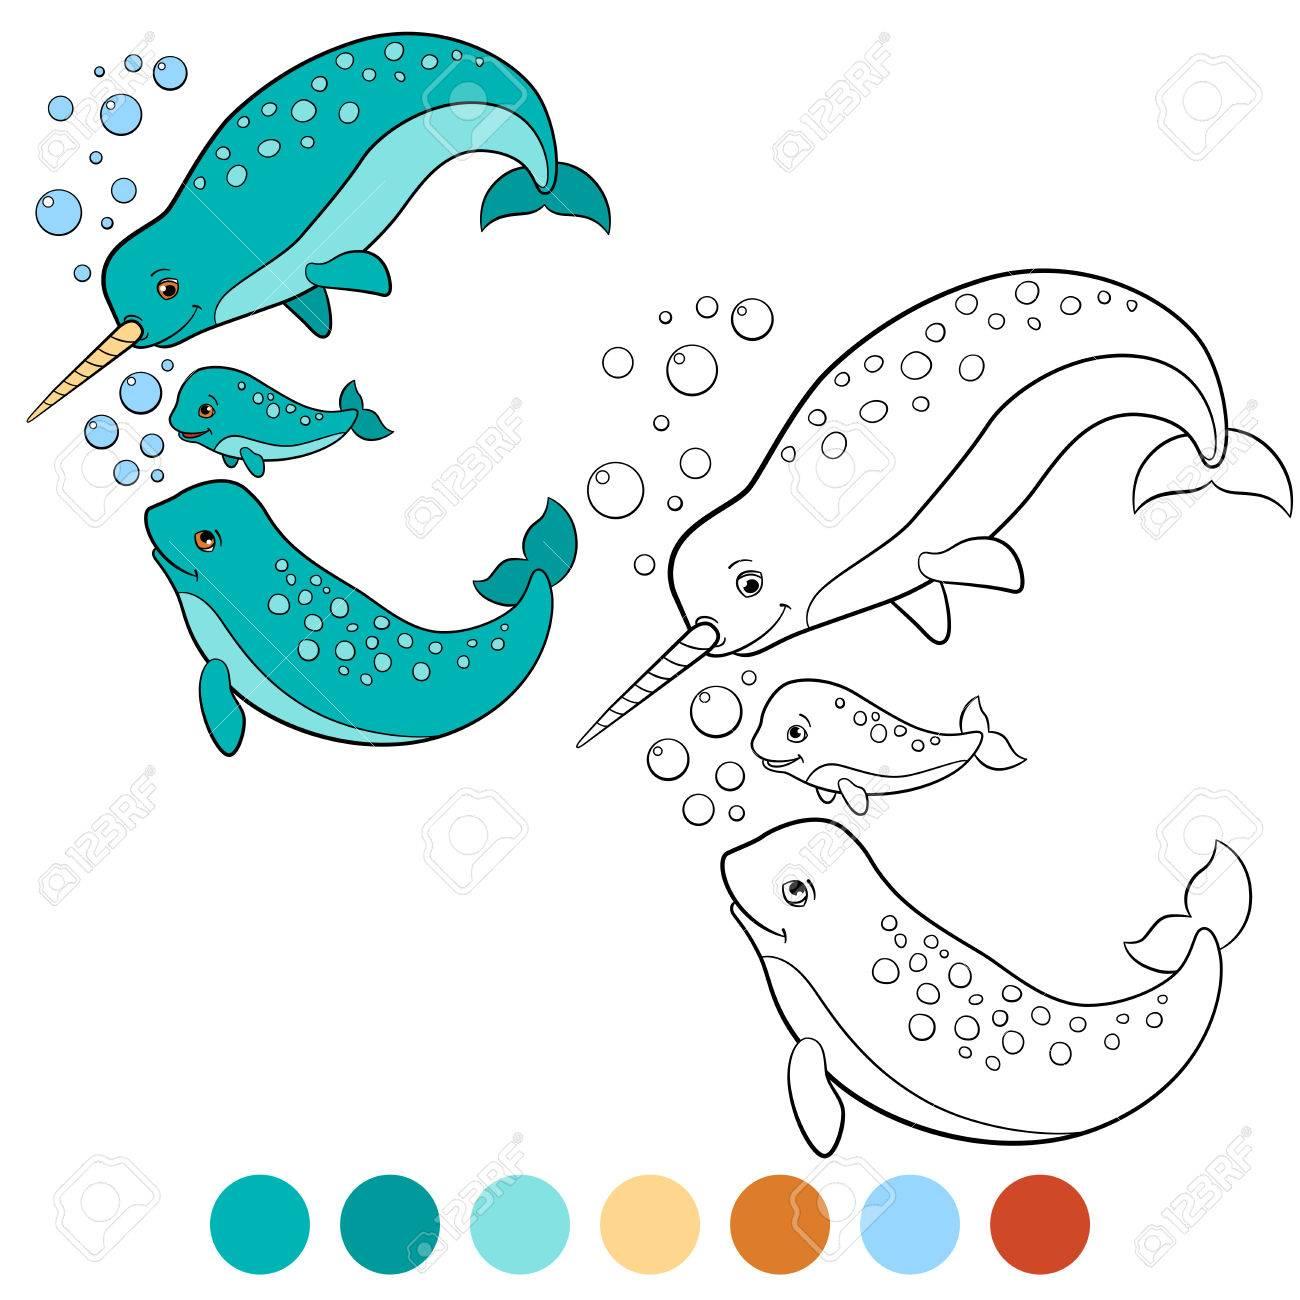 Malvorlagen: Narwal. Mutter, Vater Und Baby Narwale Schwimmen Und ...